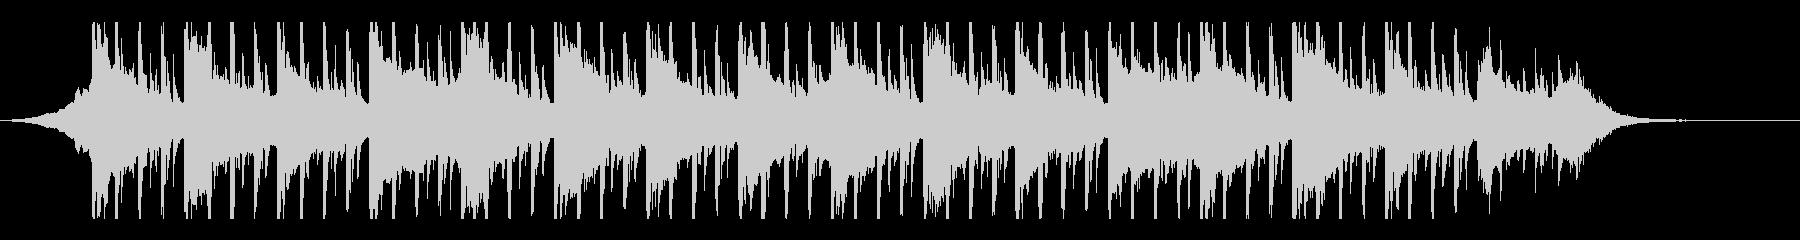 ミニマリズム(45秒)の未再生の波形